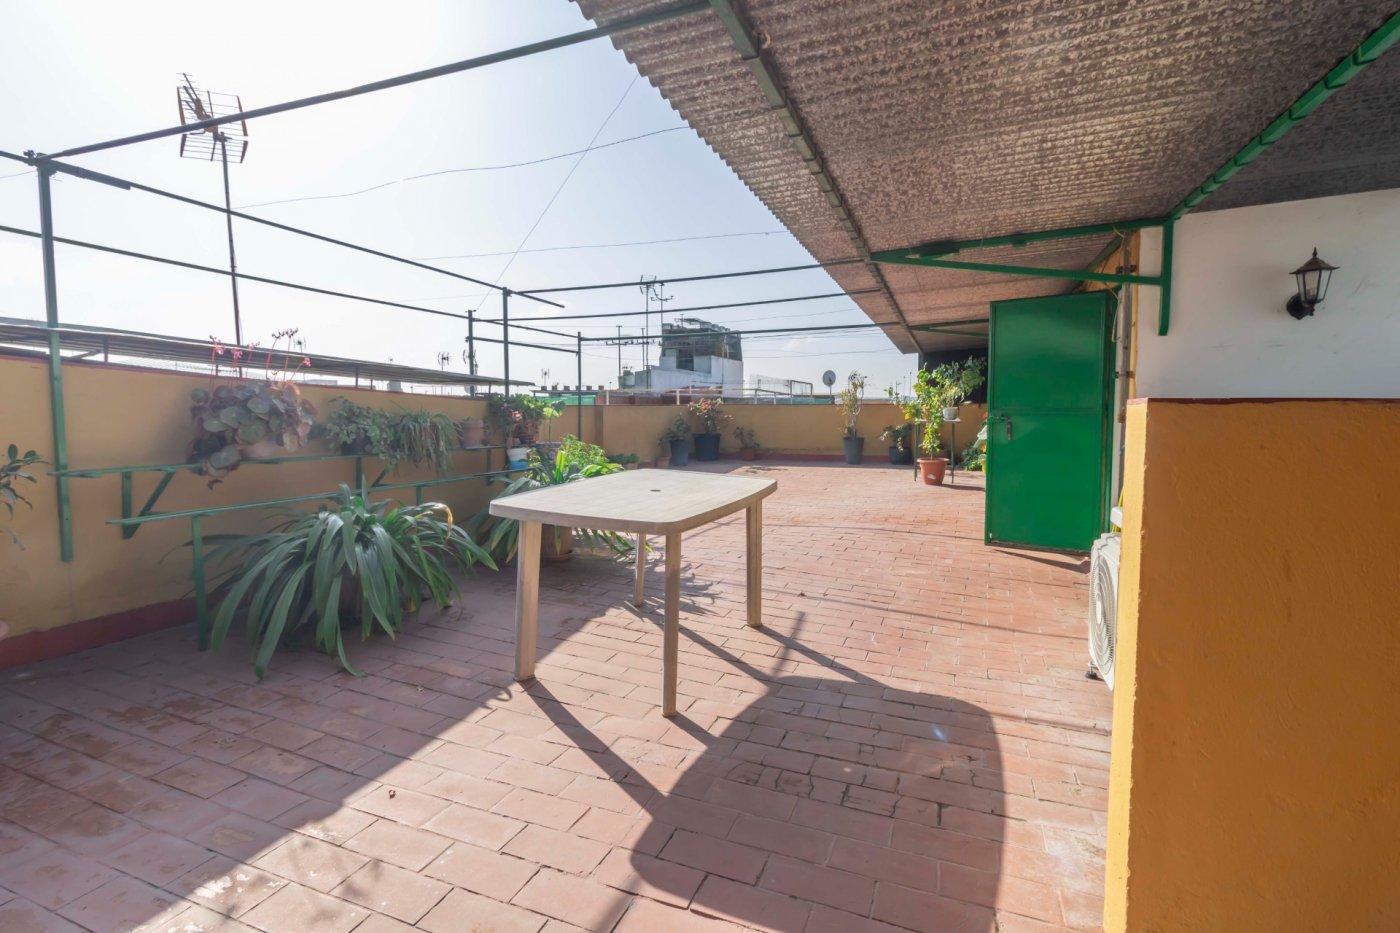 Casa a la venta en zona padre pÍo - imagenInmueble33